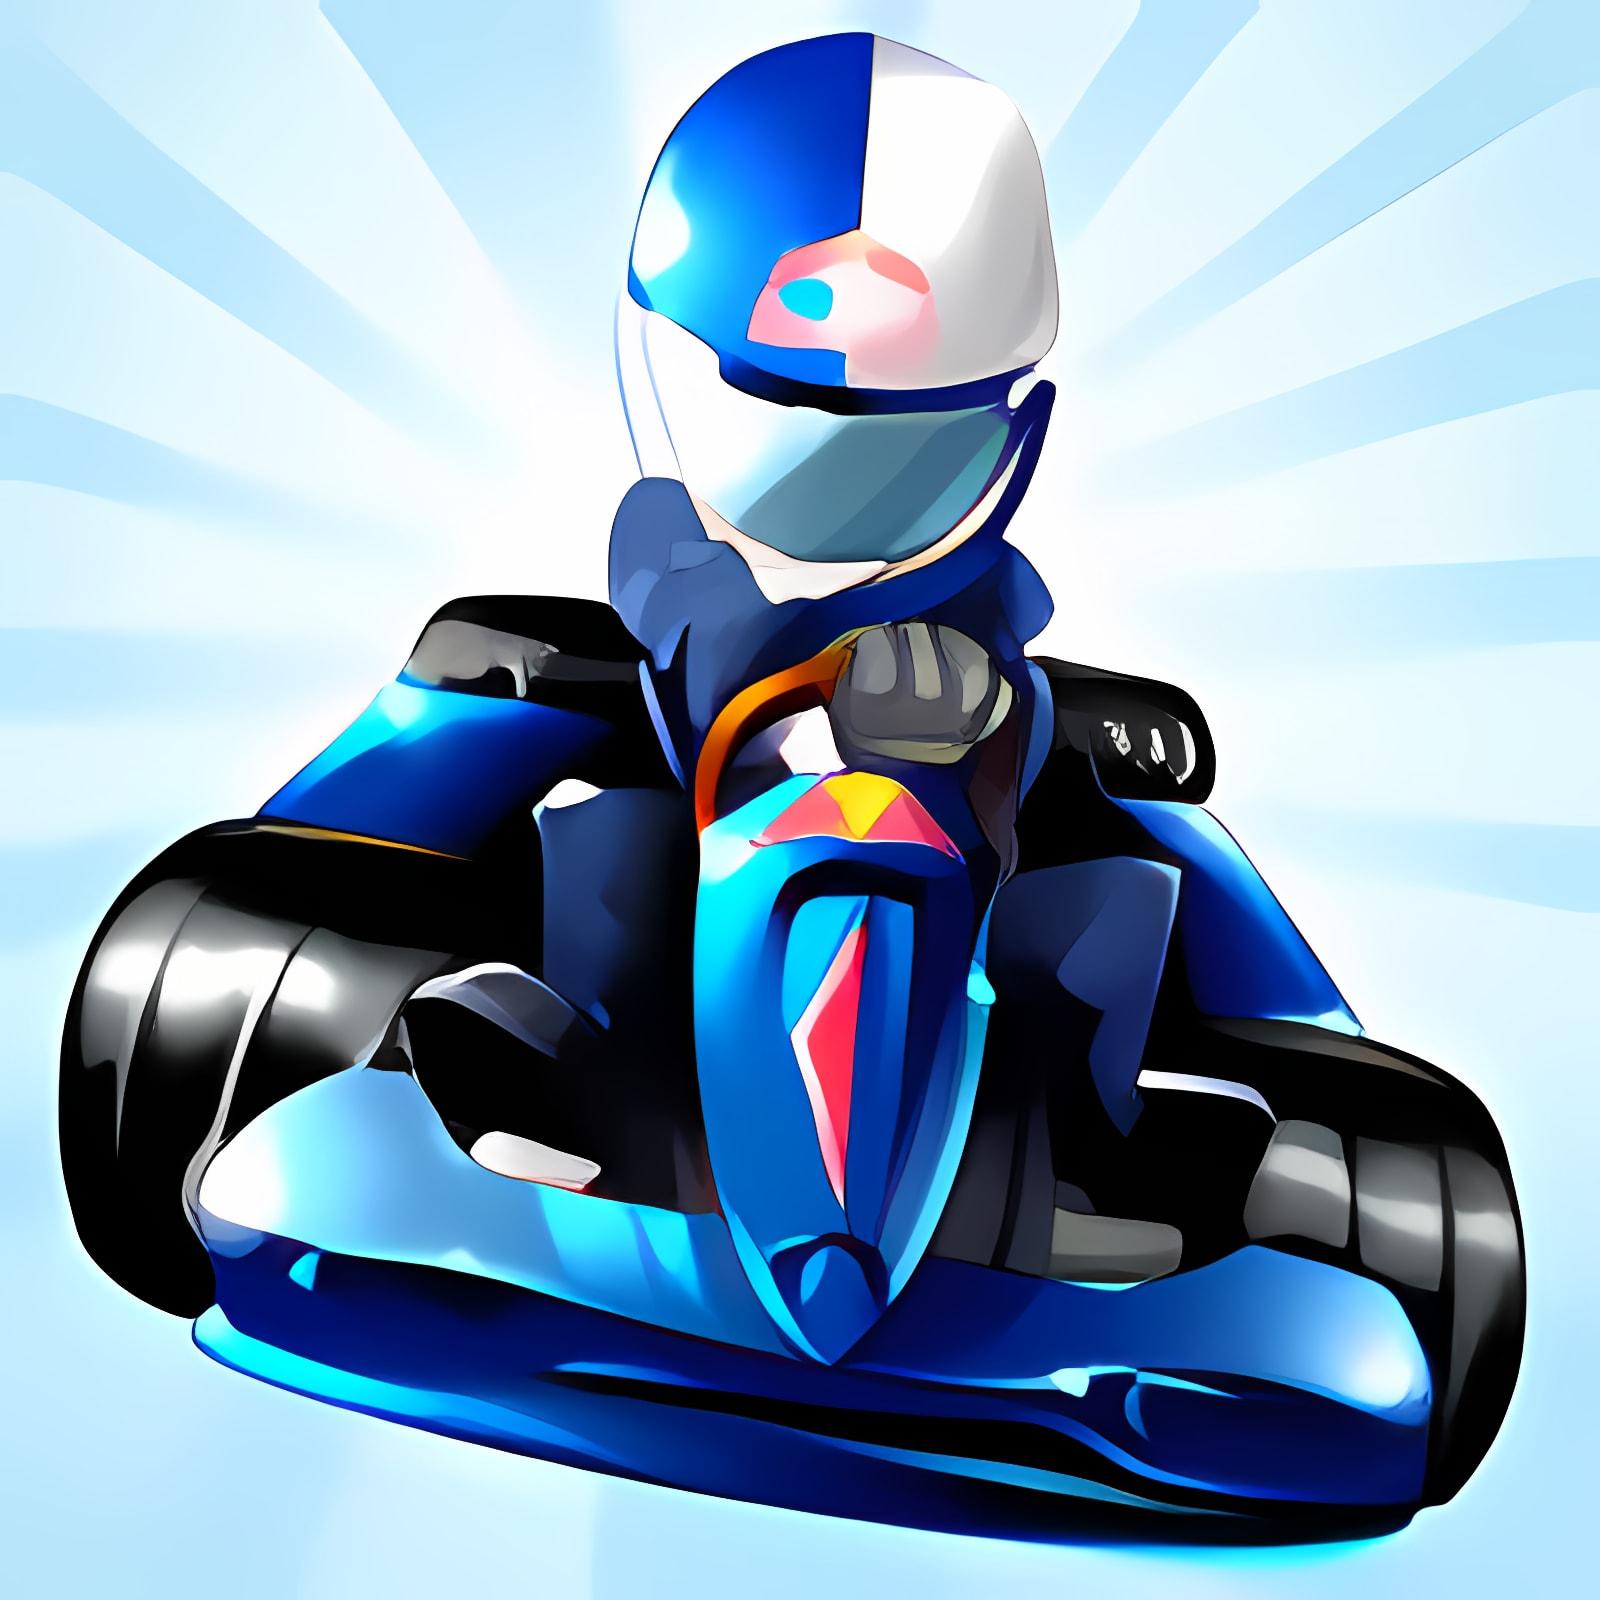 Red Bull Kart Fighter 3 1.4.0